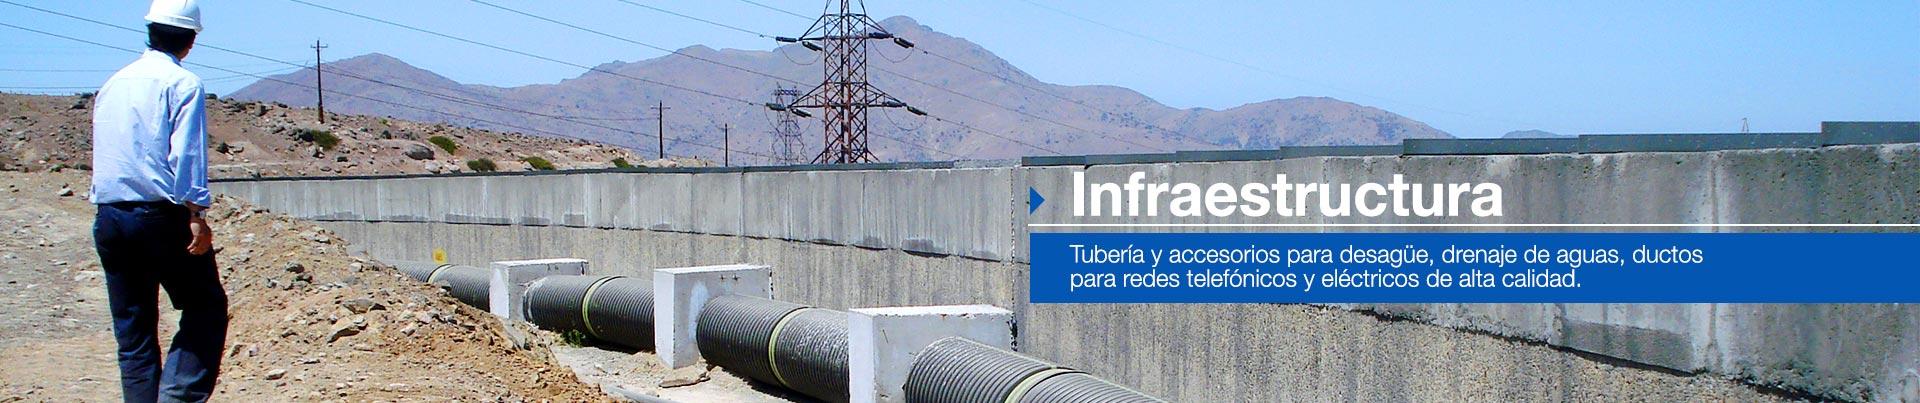 infraestructura-tuberia